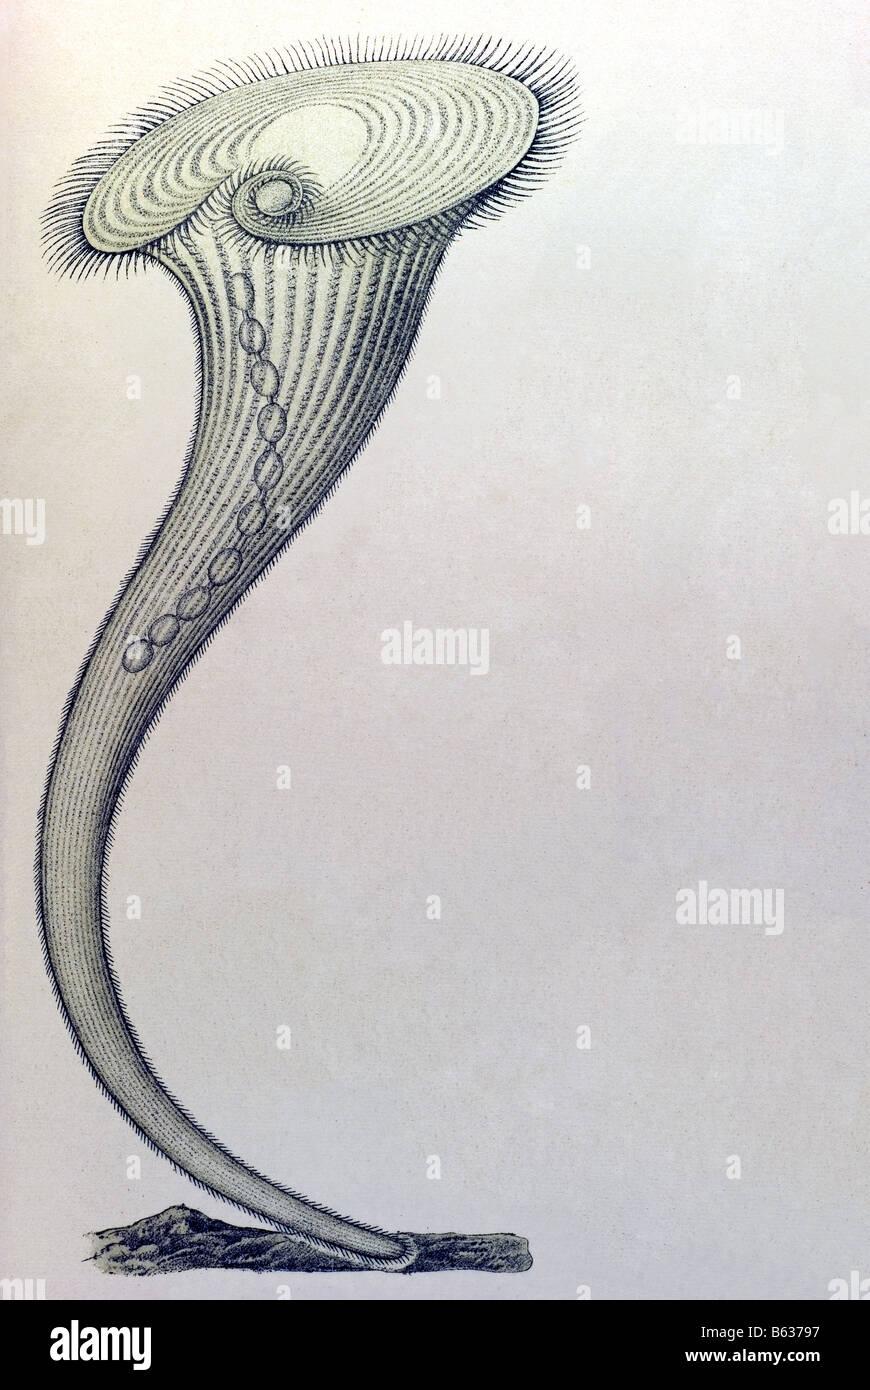 Ciliata / Wimperlinge, Nome Stentor, Haeckel, Kunstformen der Natur, art nouveau, século xx, Europa Imagens de Stock